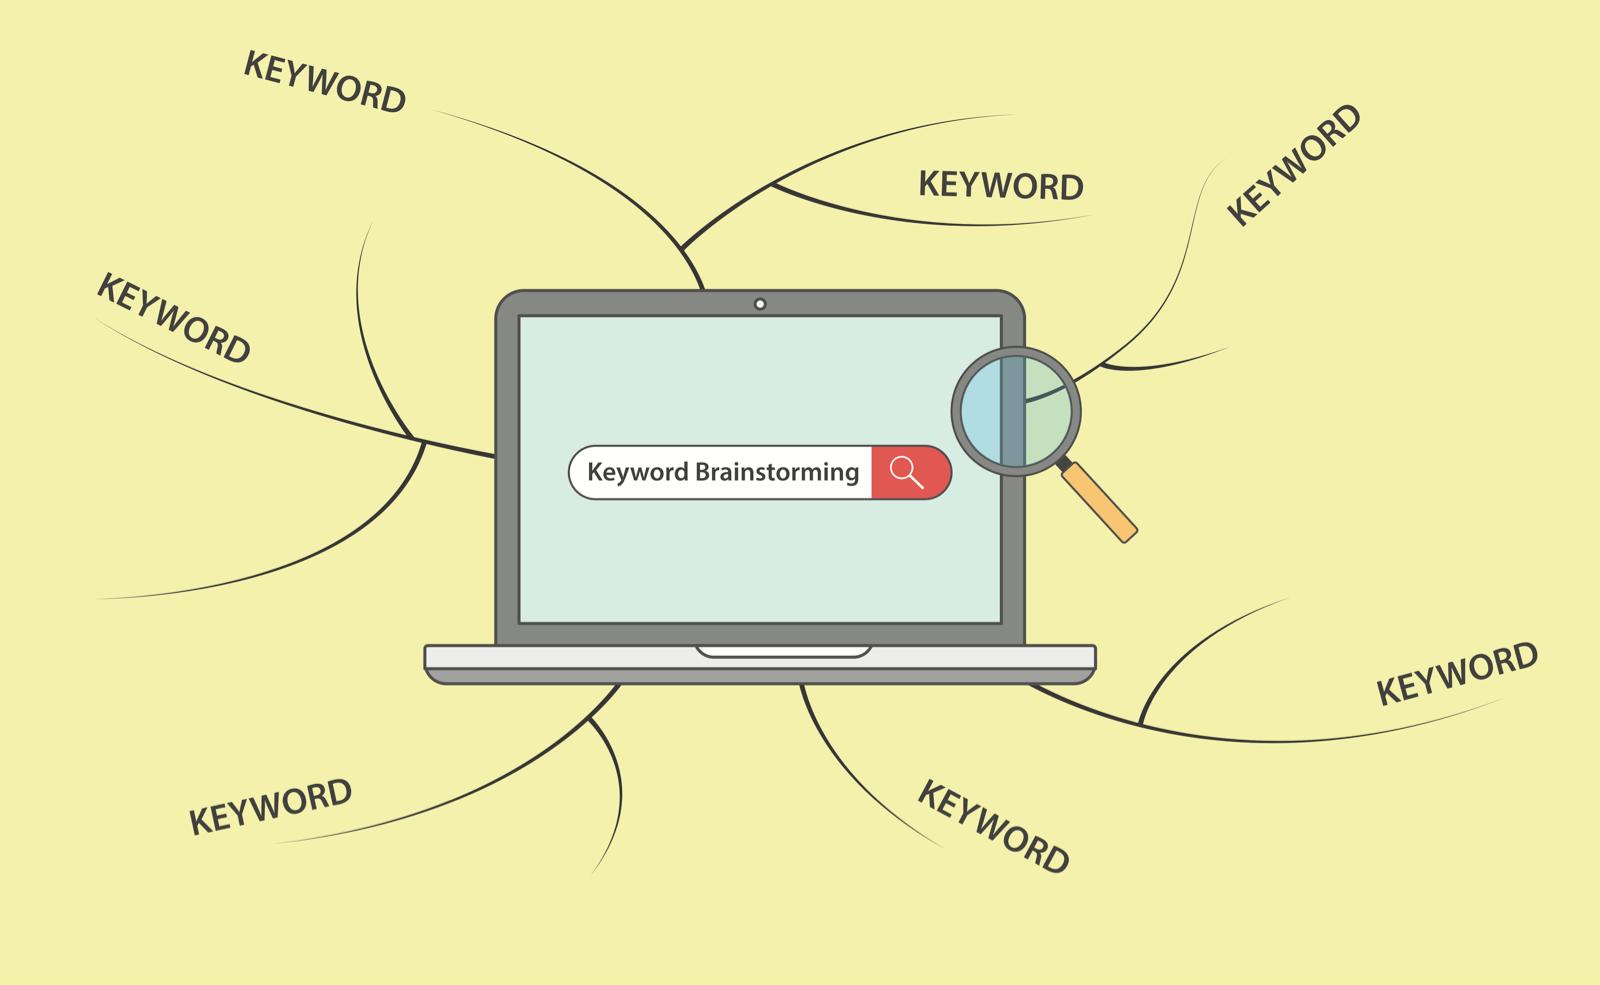 ノートパソコンに描かれた検索窓と、そこから伸びるキーワードの網